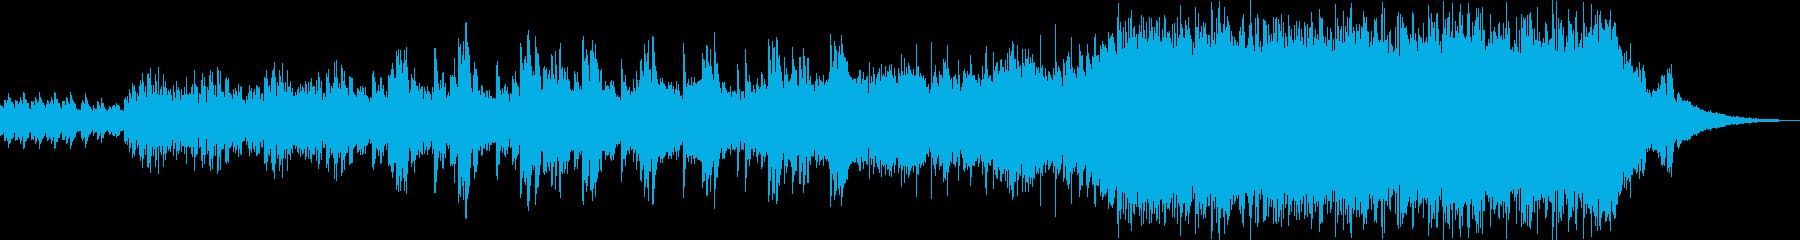 動画 技術的な 感情的 繰り返しの...の再生済みの波形